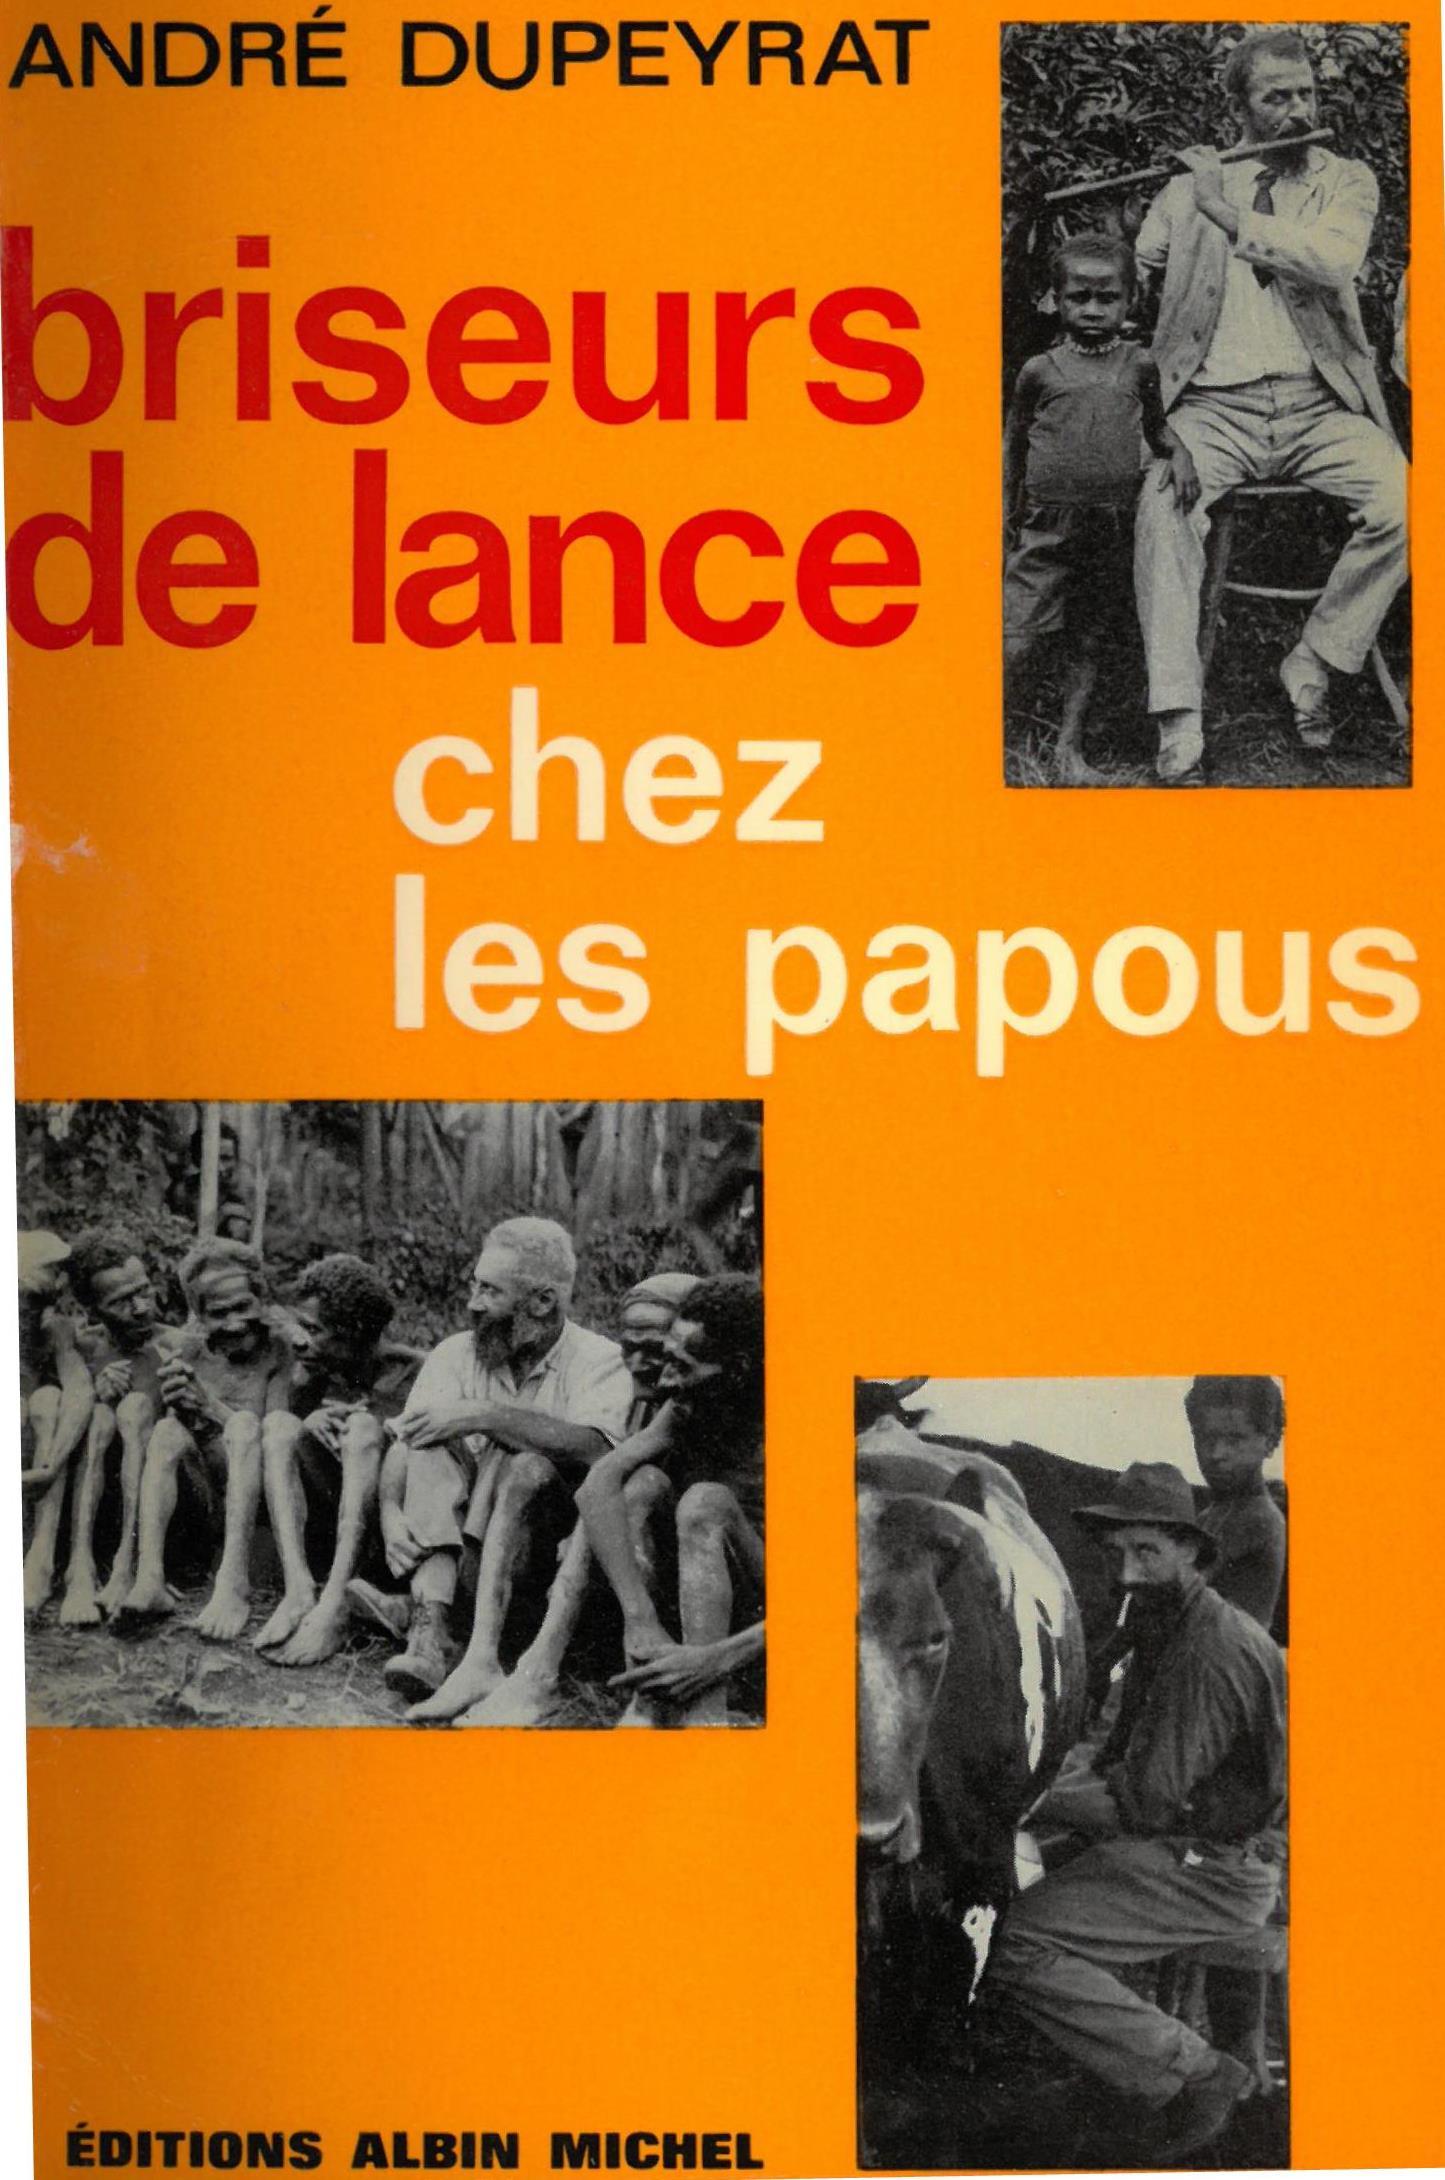 Briseurs de lance chez les papous   André Dupeyrat